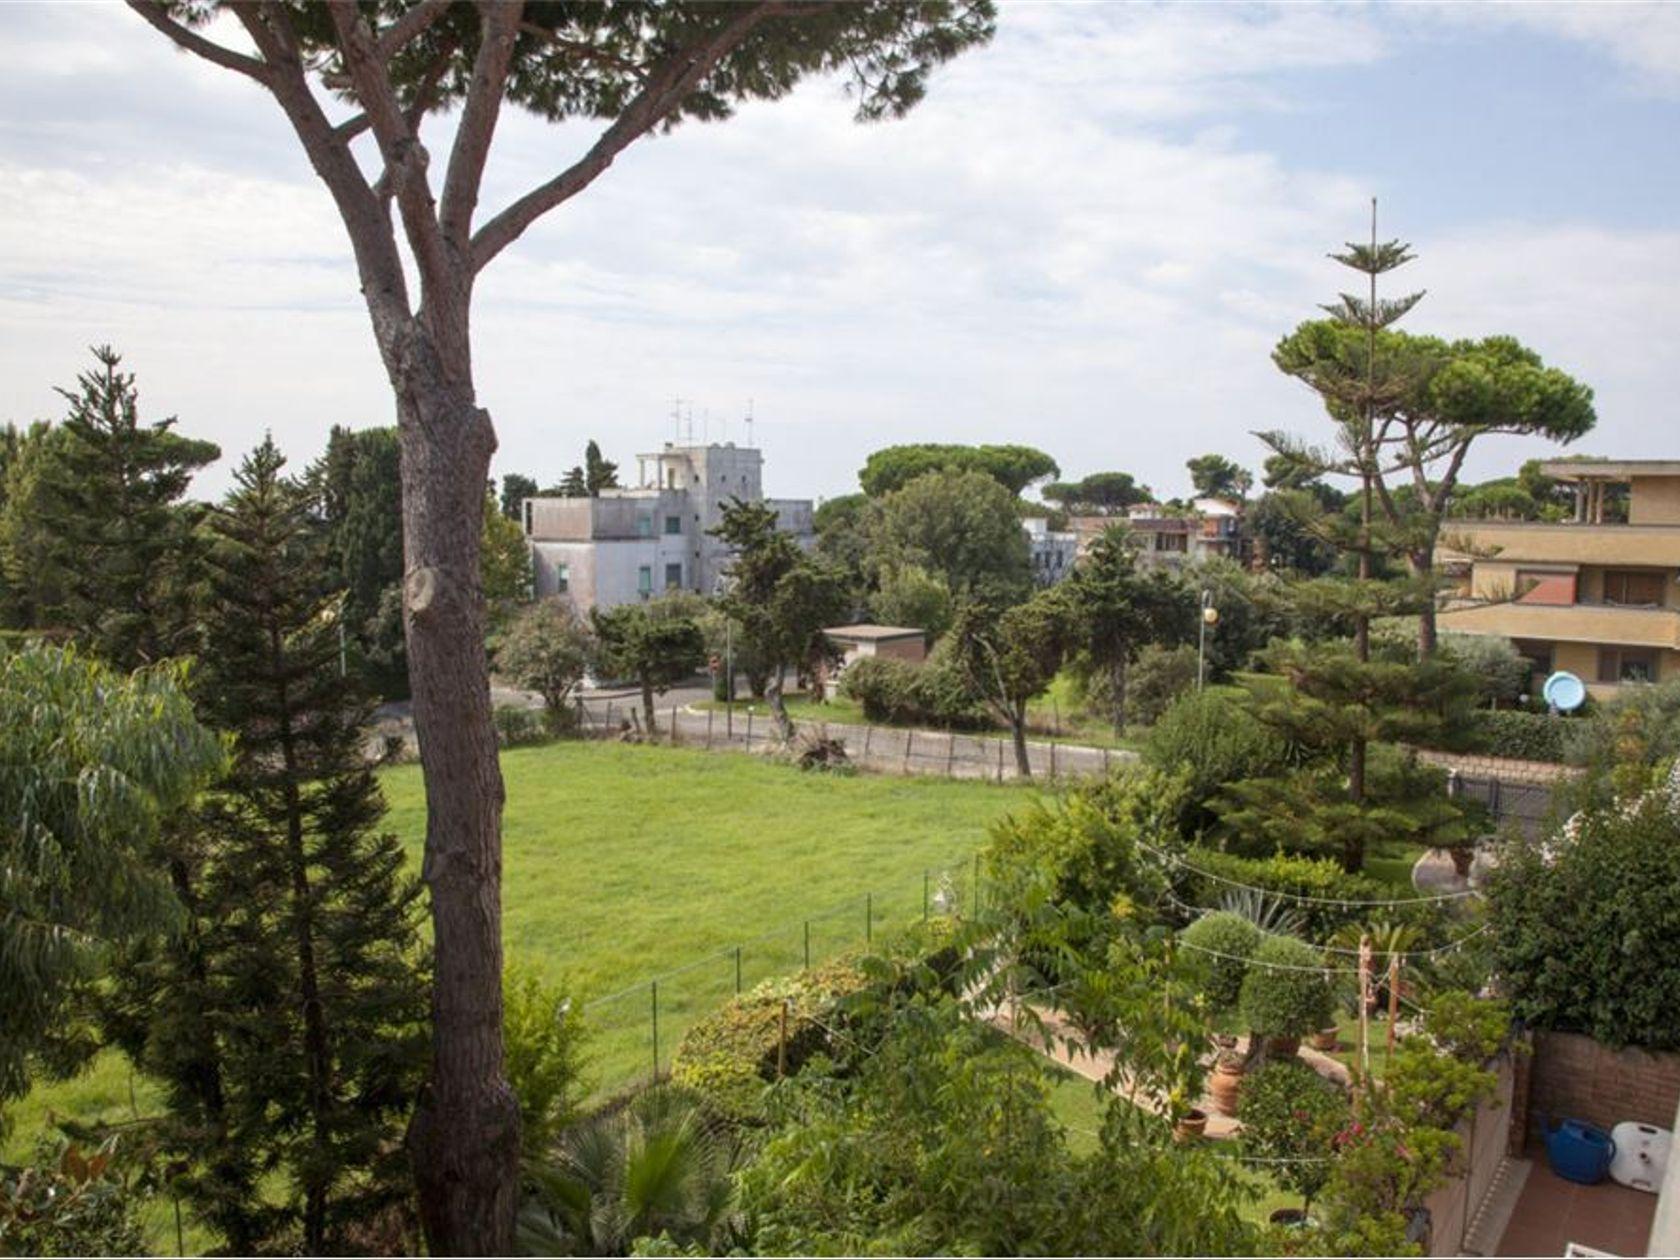 Attico/Mansarda Anzio-santa Teresa, Anzio, RM Vendita - Foto 22